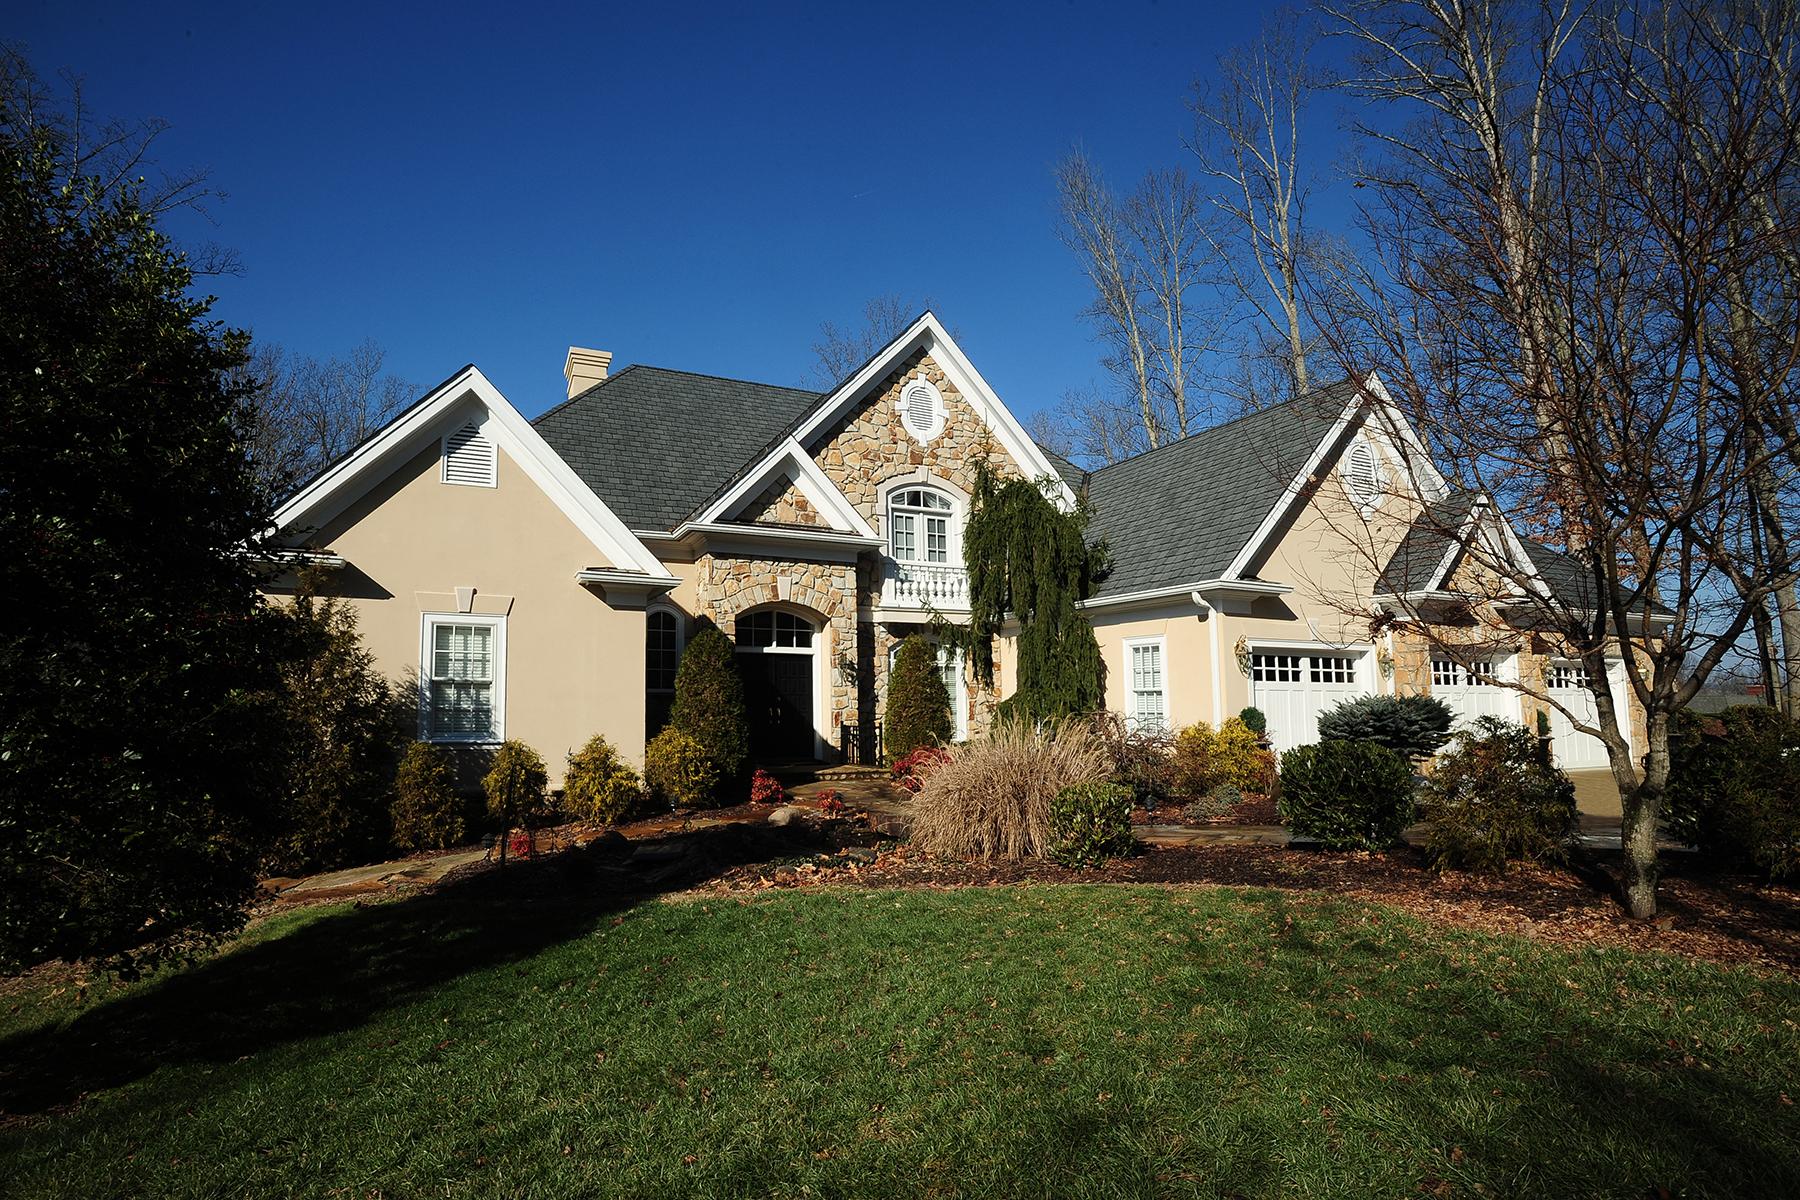 Casa para uma família para Venda às BRISTOL - THE VIRGINIAN 23238 Virginia Trl Bristol, Virginia, 24202 Estados Unidos